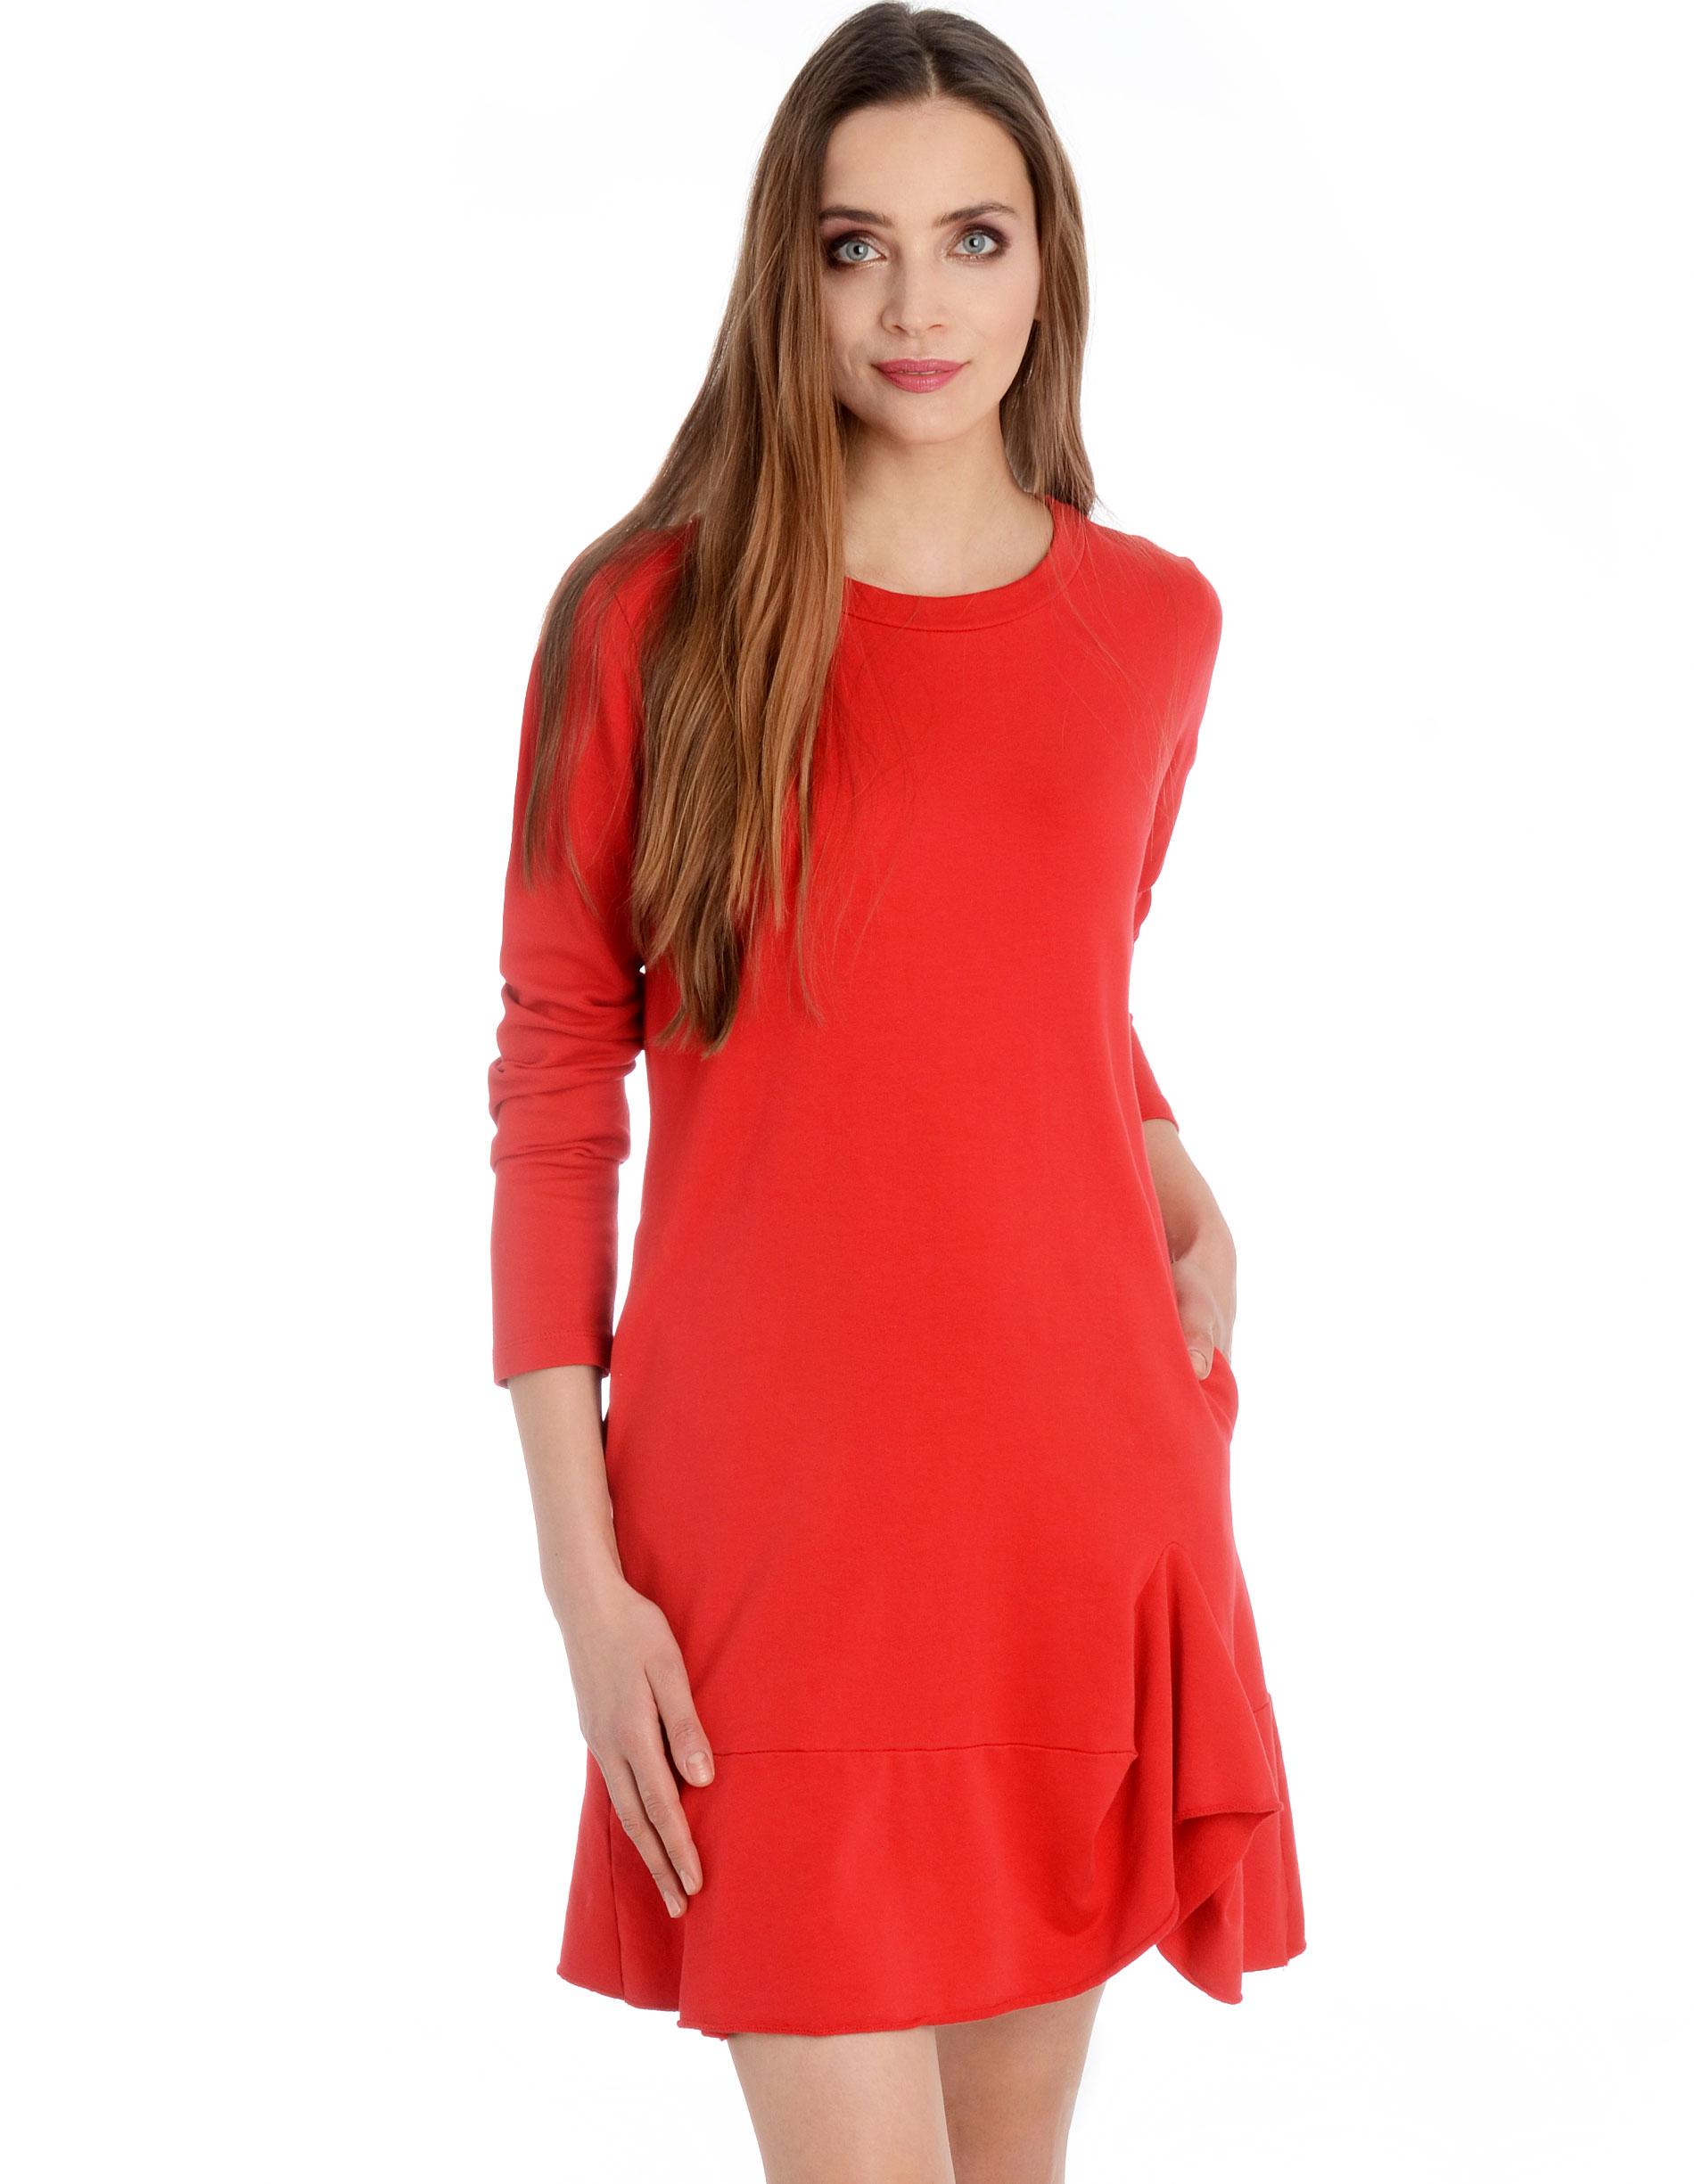 Sukienka - 80-2518 ROSSO - Unisono